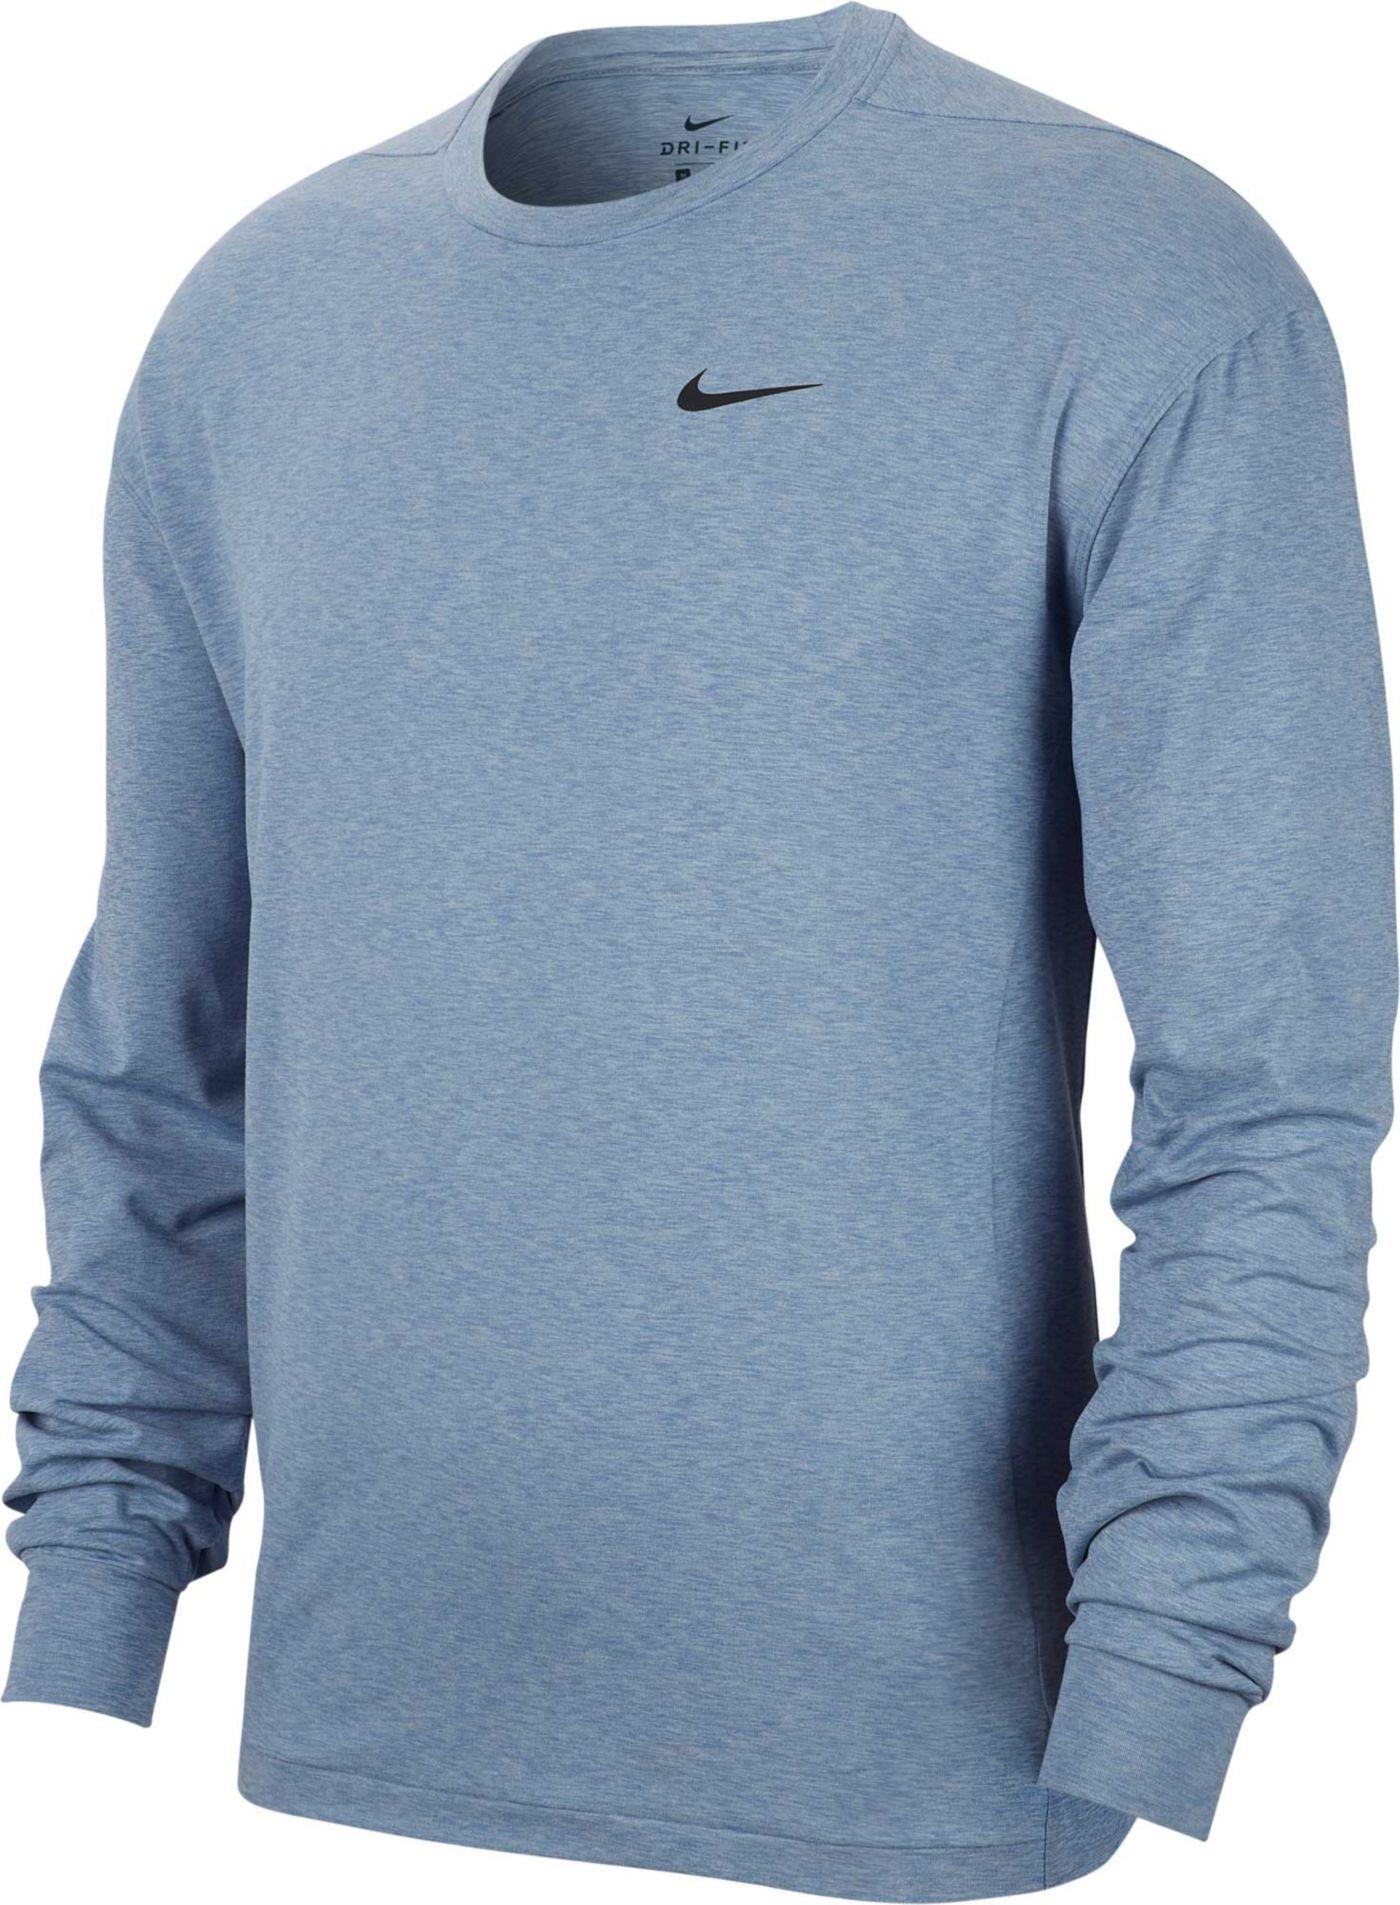 Nike Men's Hyper Dry Long Sleeve Tee